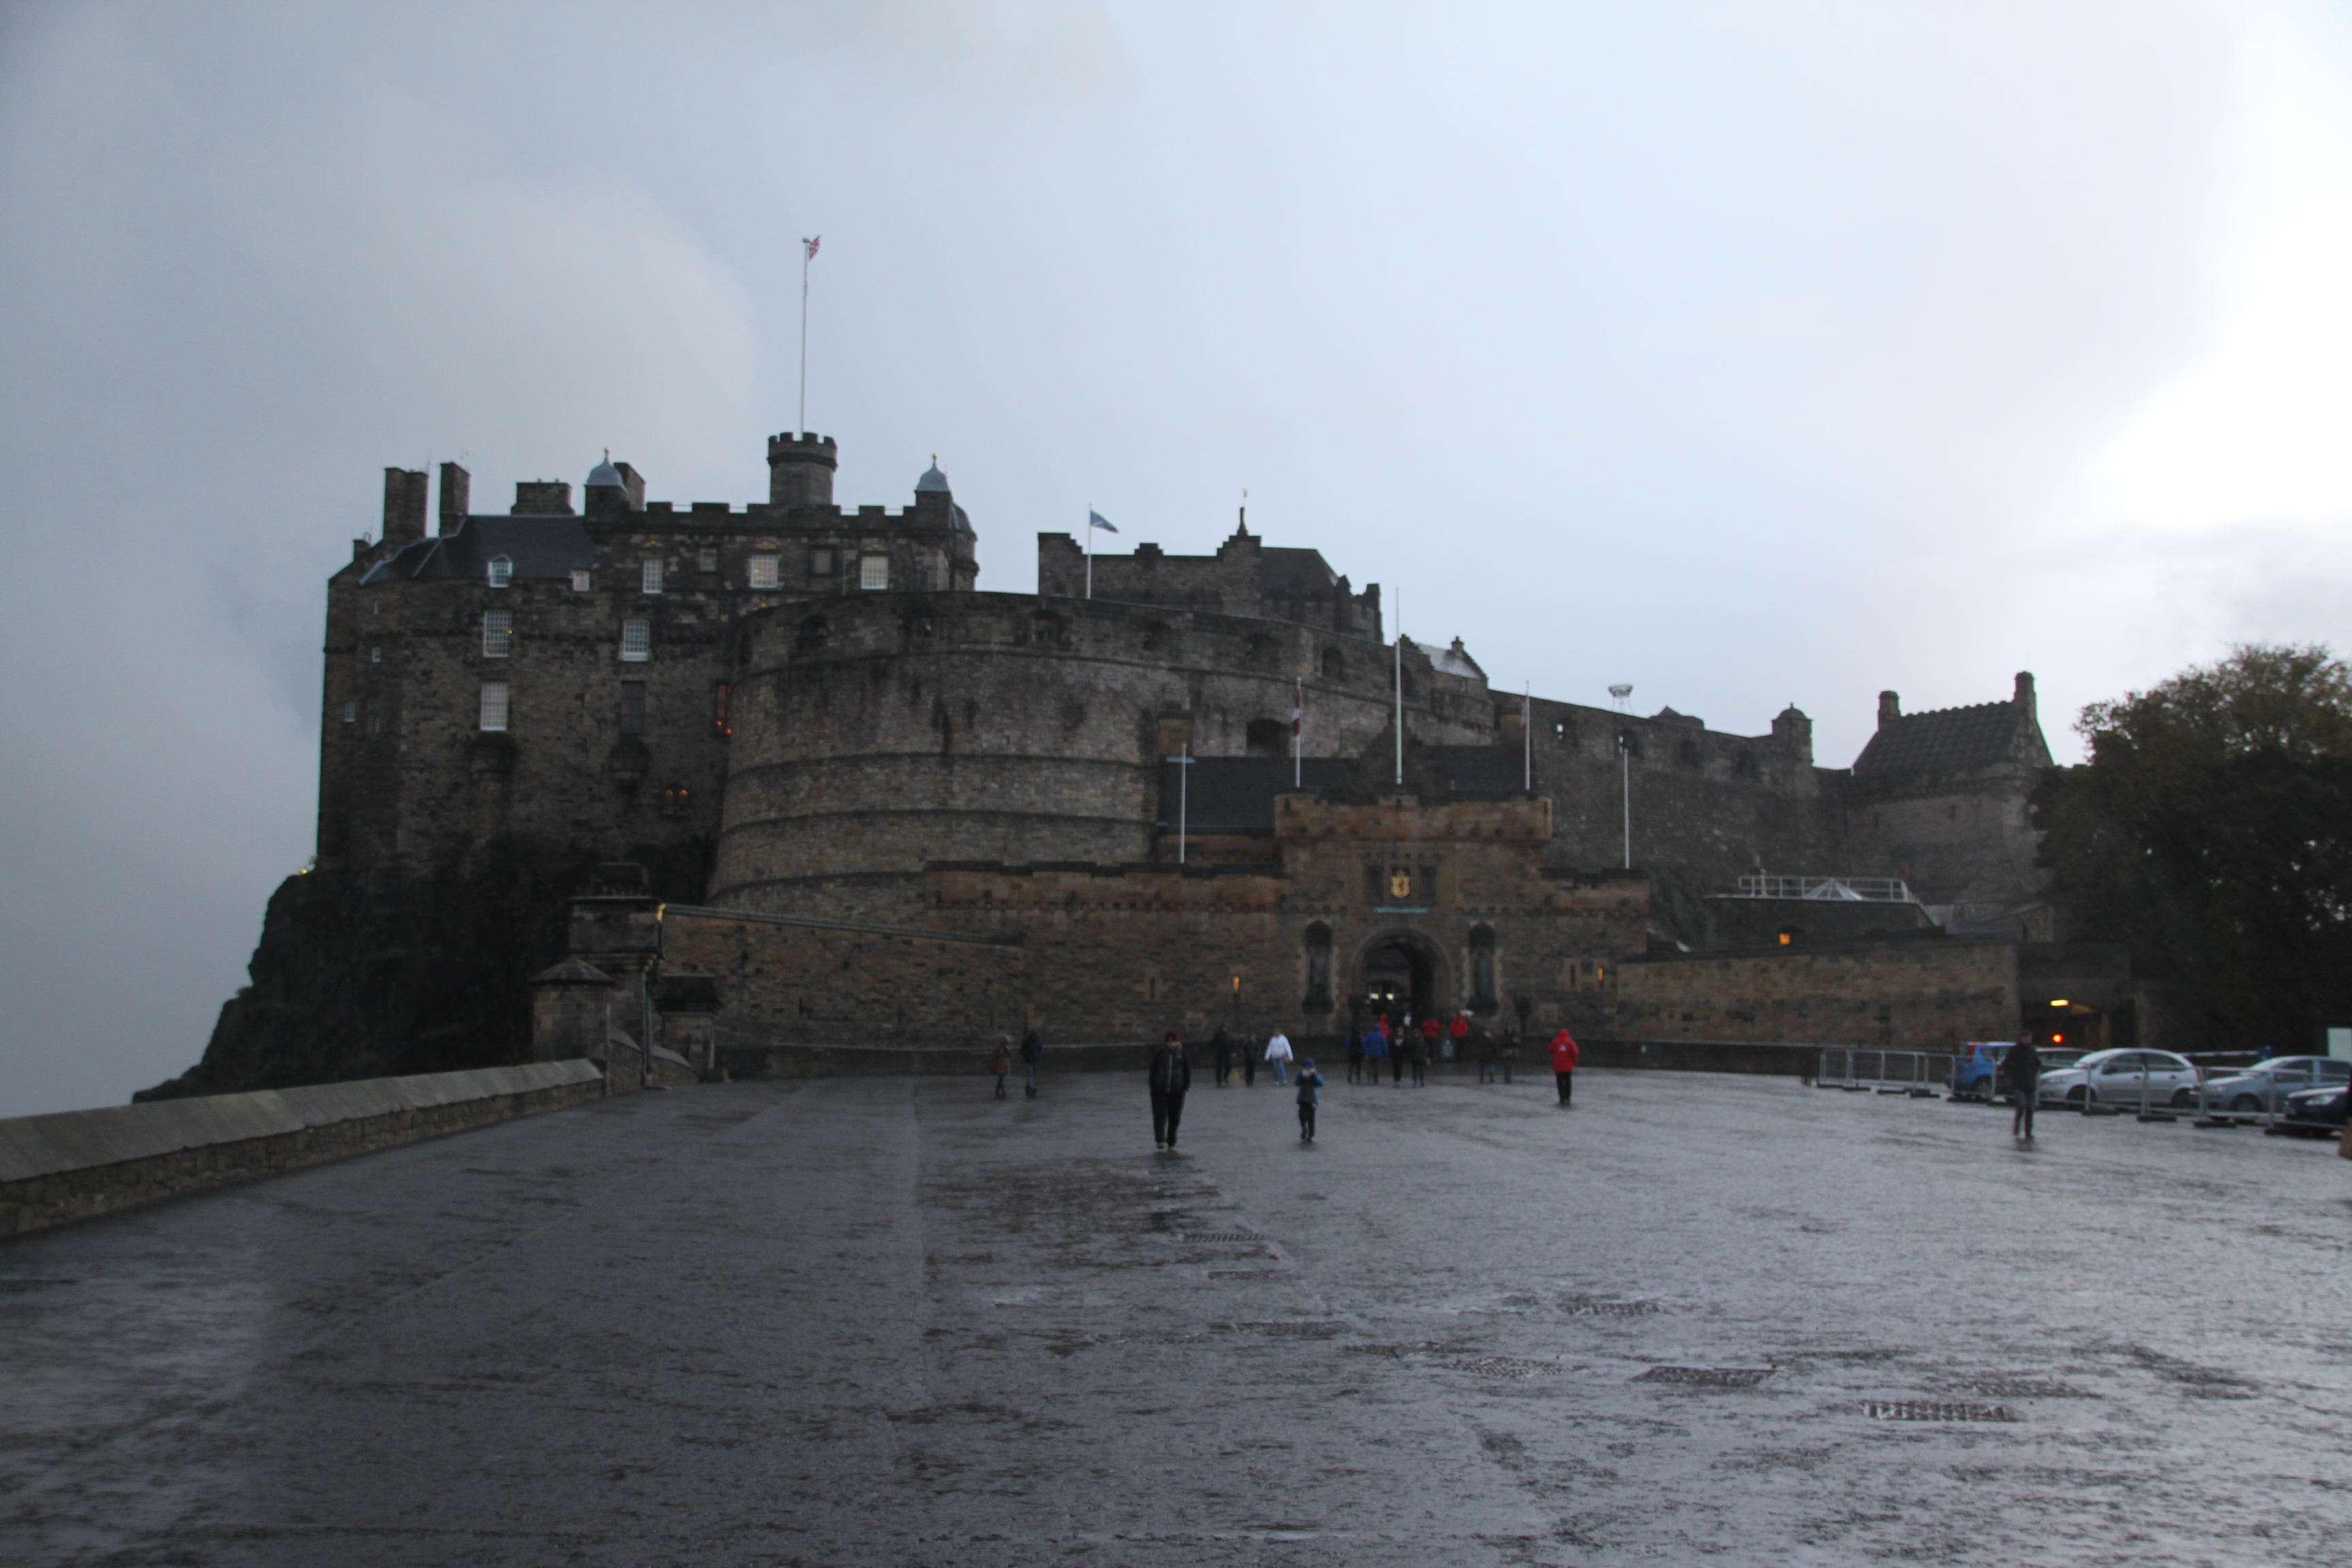 Wir besuchen Edinburg Castle